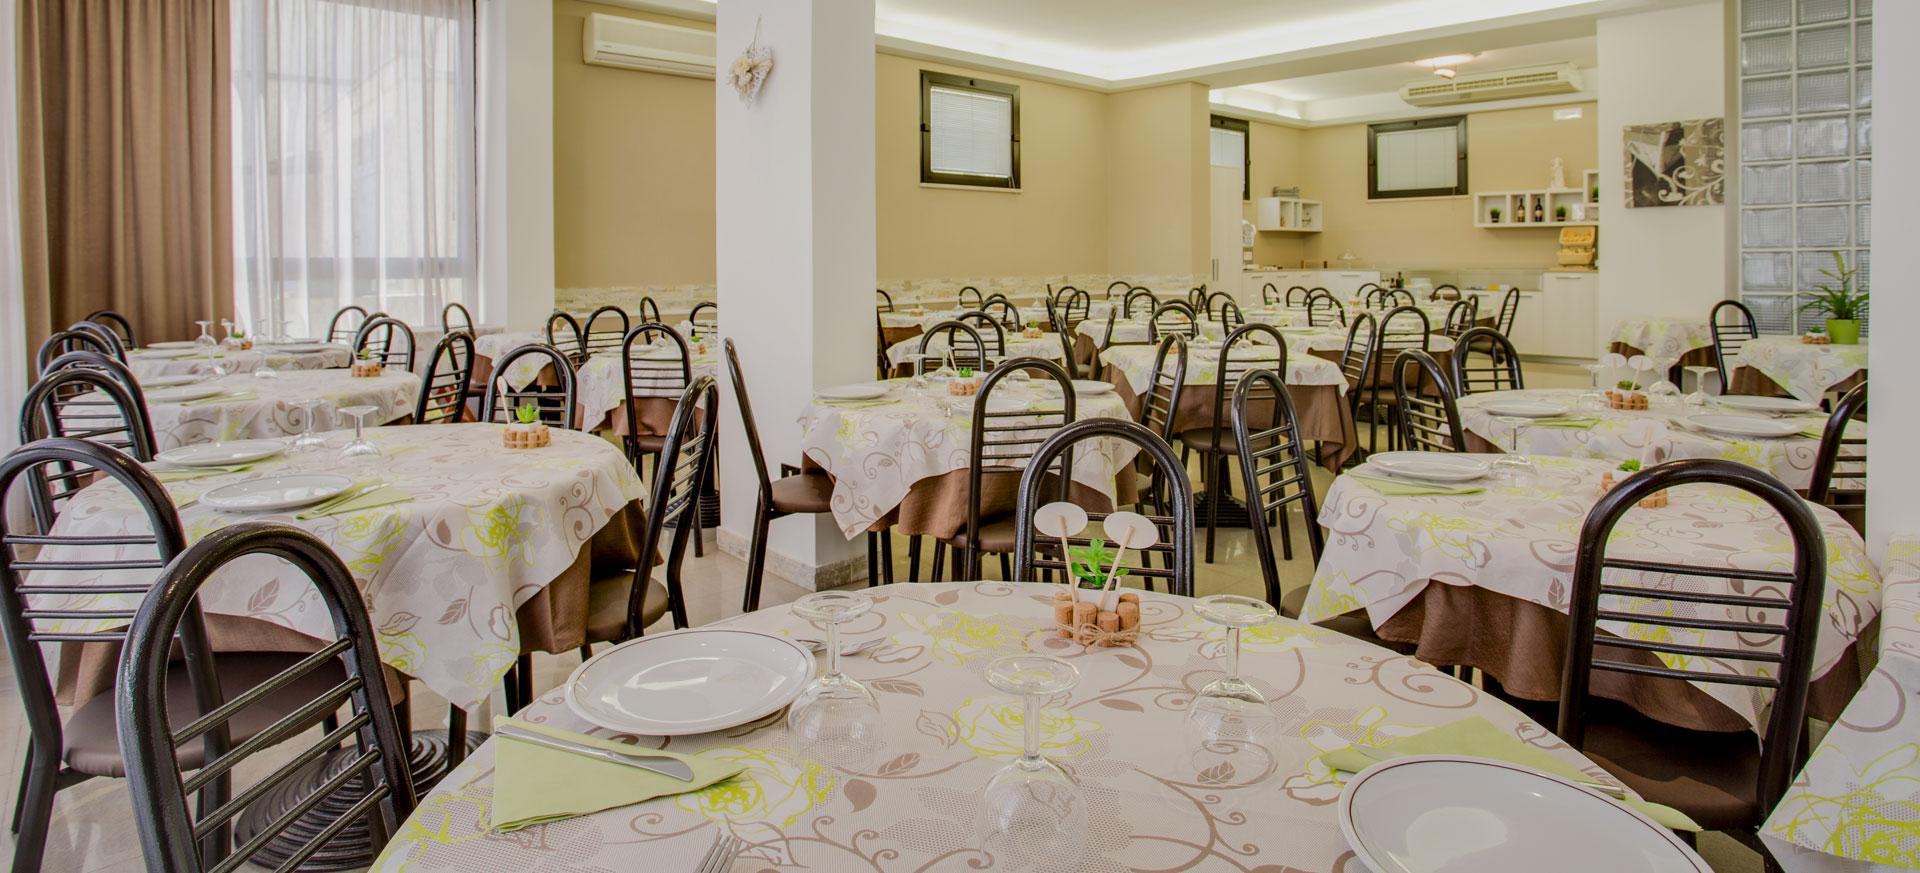 Villa dei Gerani | Hotel per famiglie con bambini Rimini